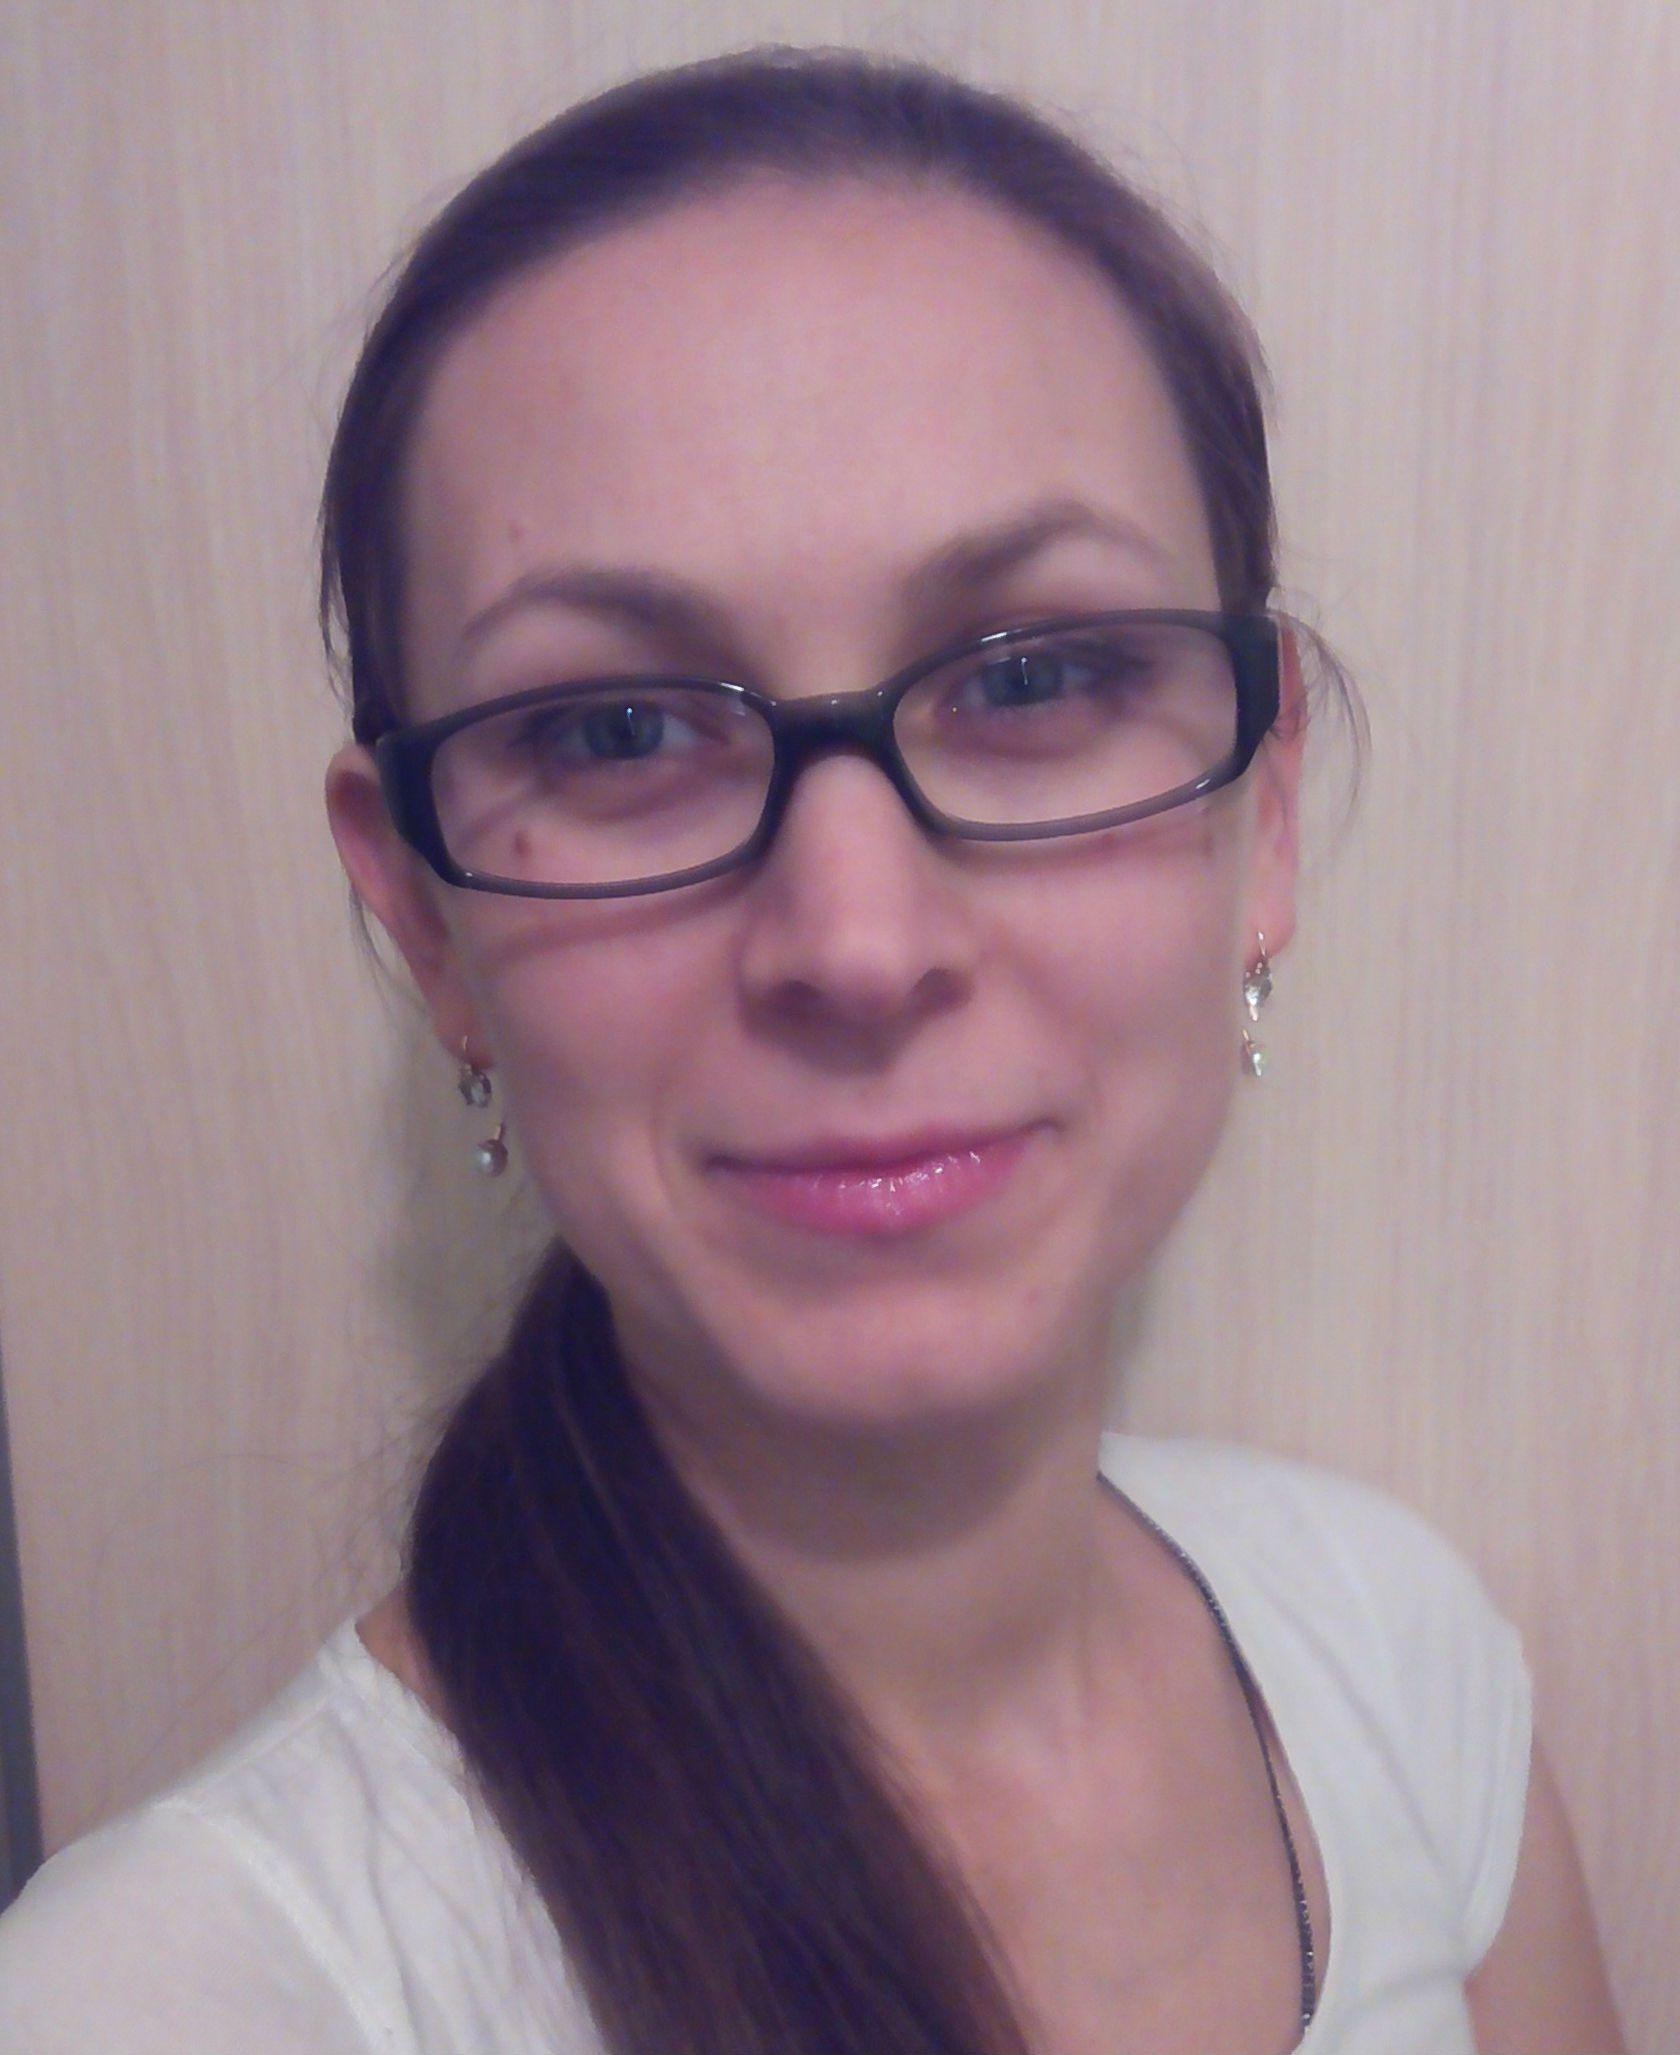 Избавиться от дисплазии и эрозии шейки матки поможет конизация